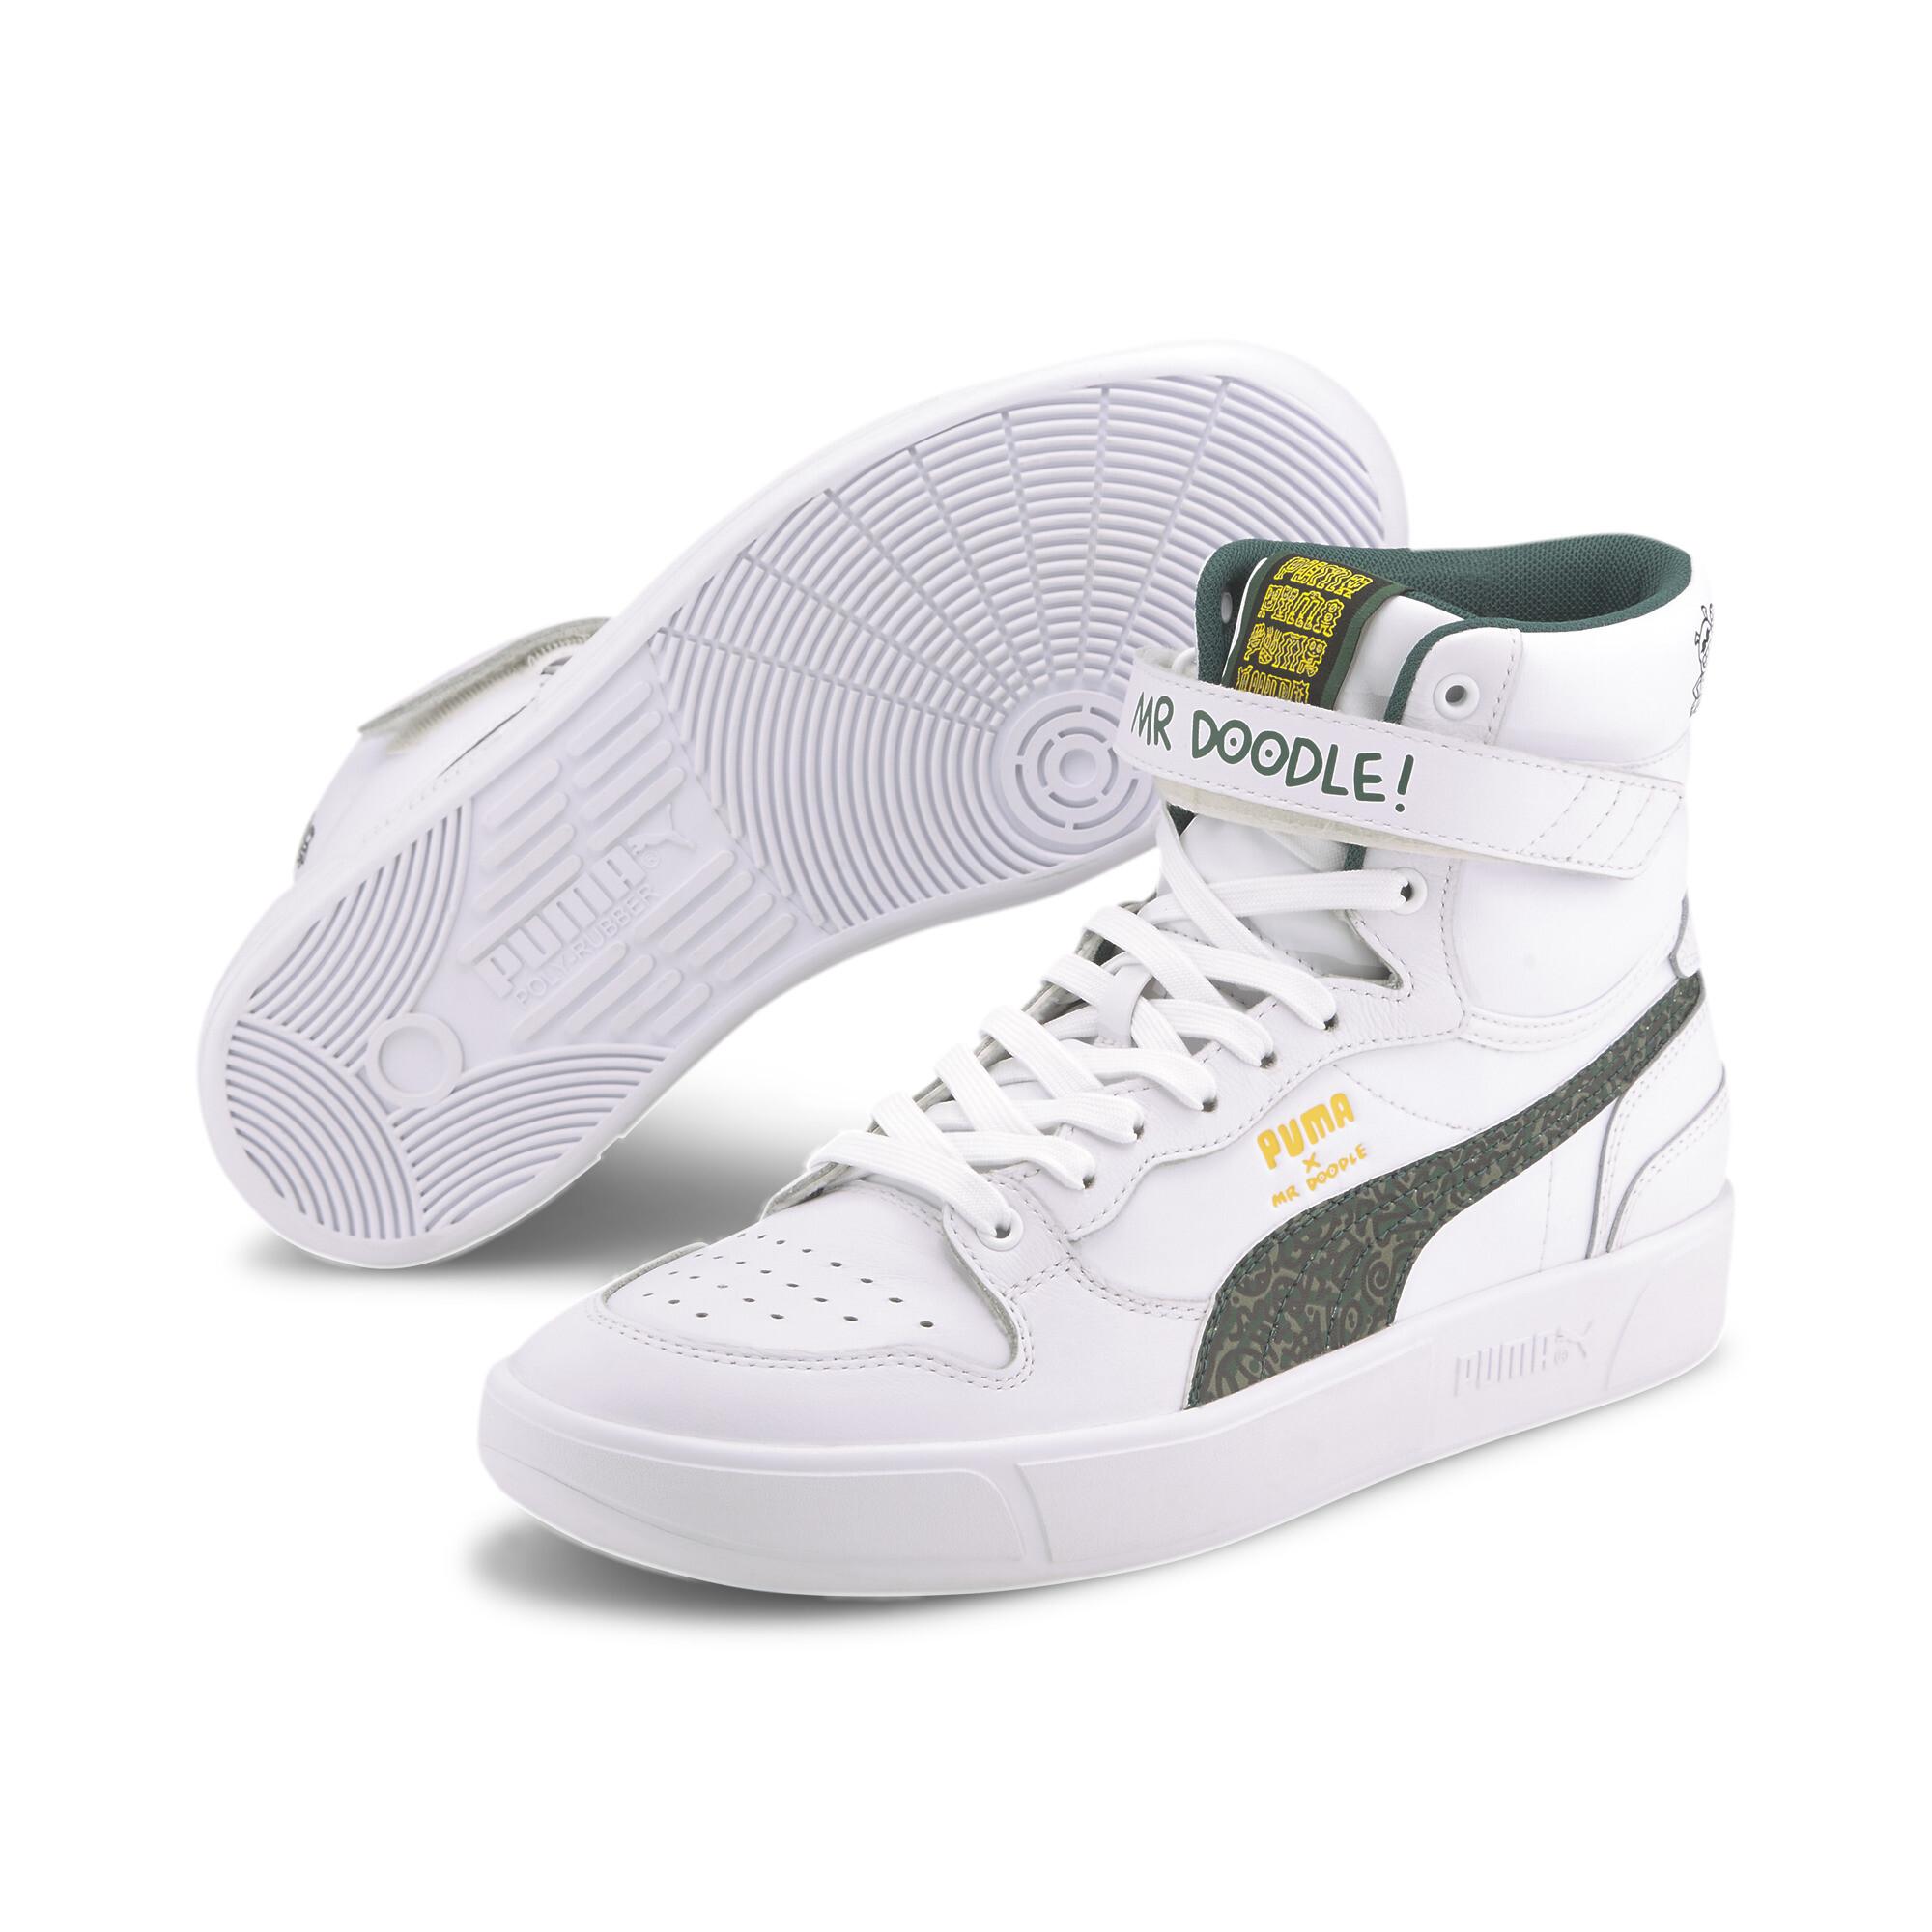 【プーマ公式通販】 プーマ PUMA x MR DOODLE スカイ LX ミッド バスケットボール スニーカー ユニセックス Puma White-Posy Green-Black  PUMA.com